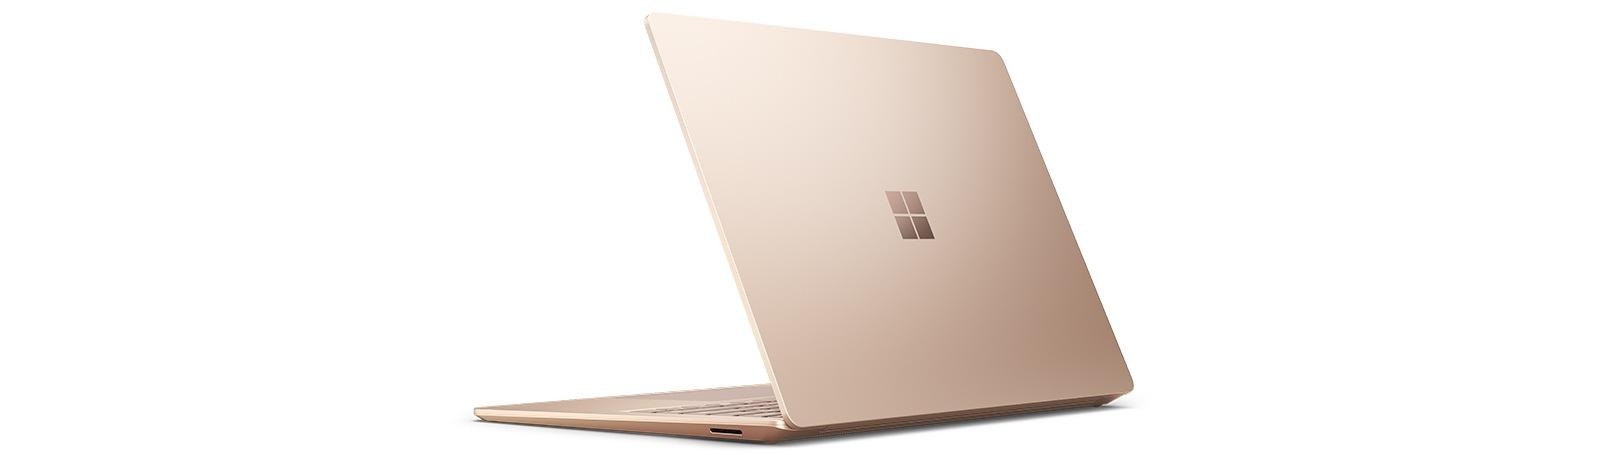 Surface Laptop 3 in der Farbe Sandstein 13,5-Zoll